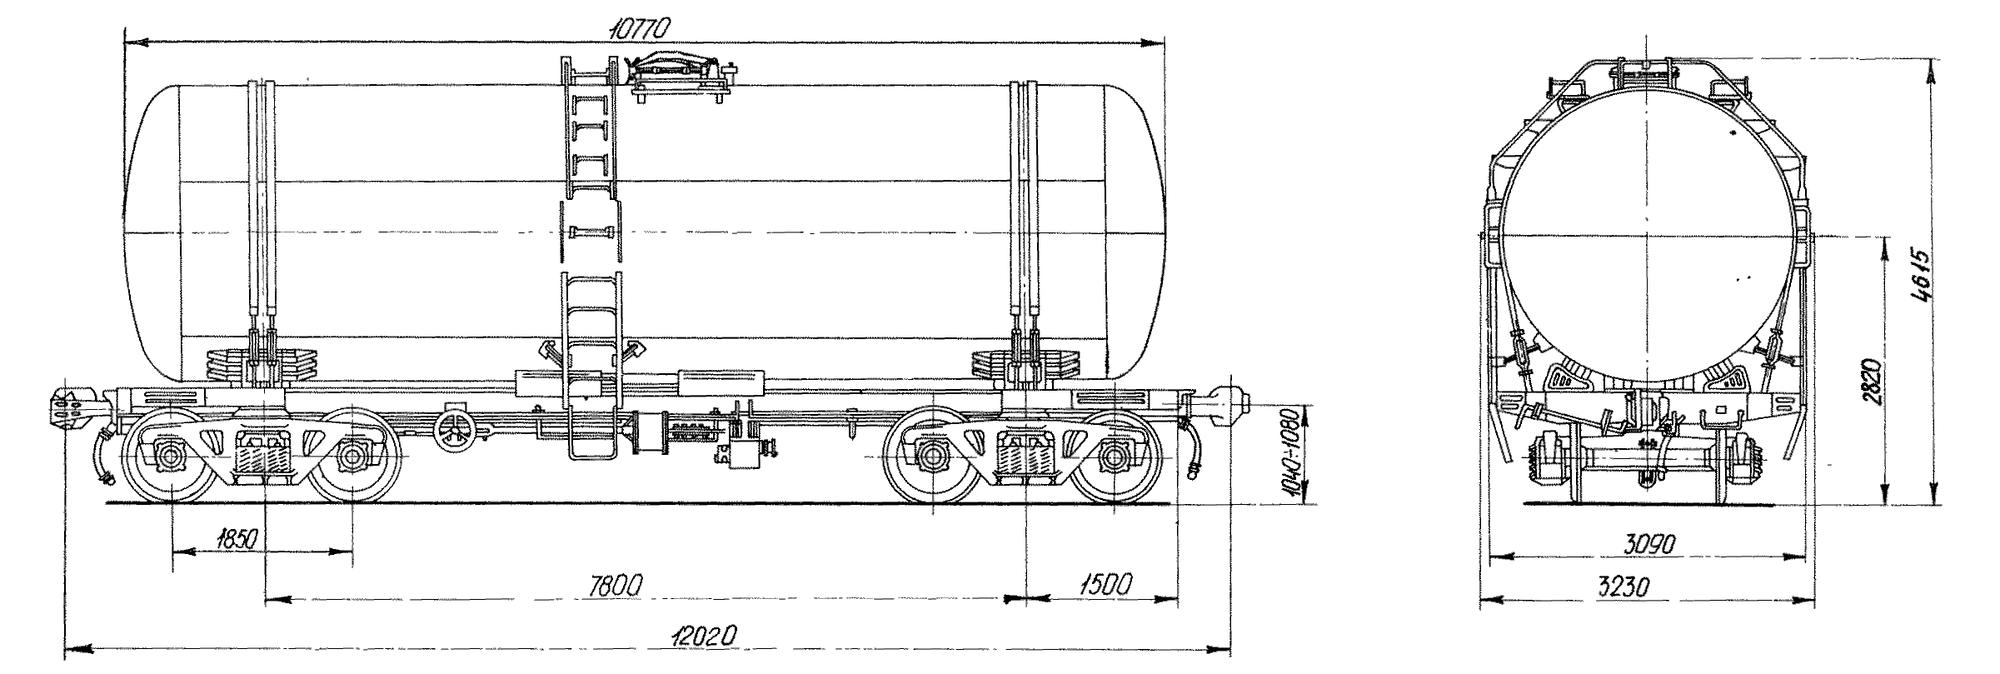 4-осная цистерна для бензина и светлых нефтепродуктов